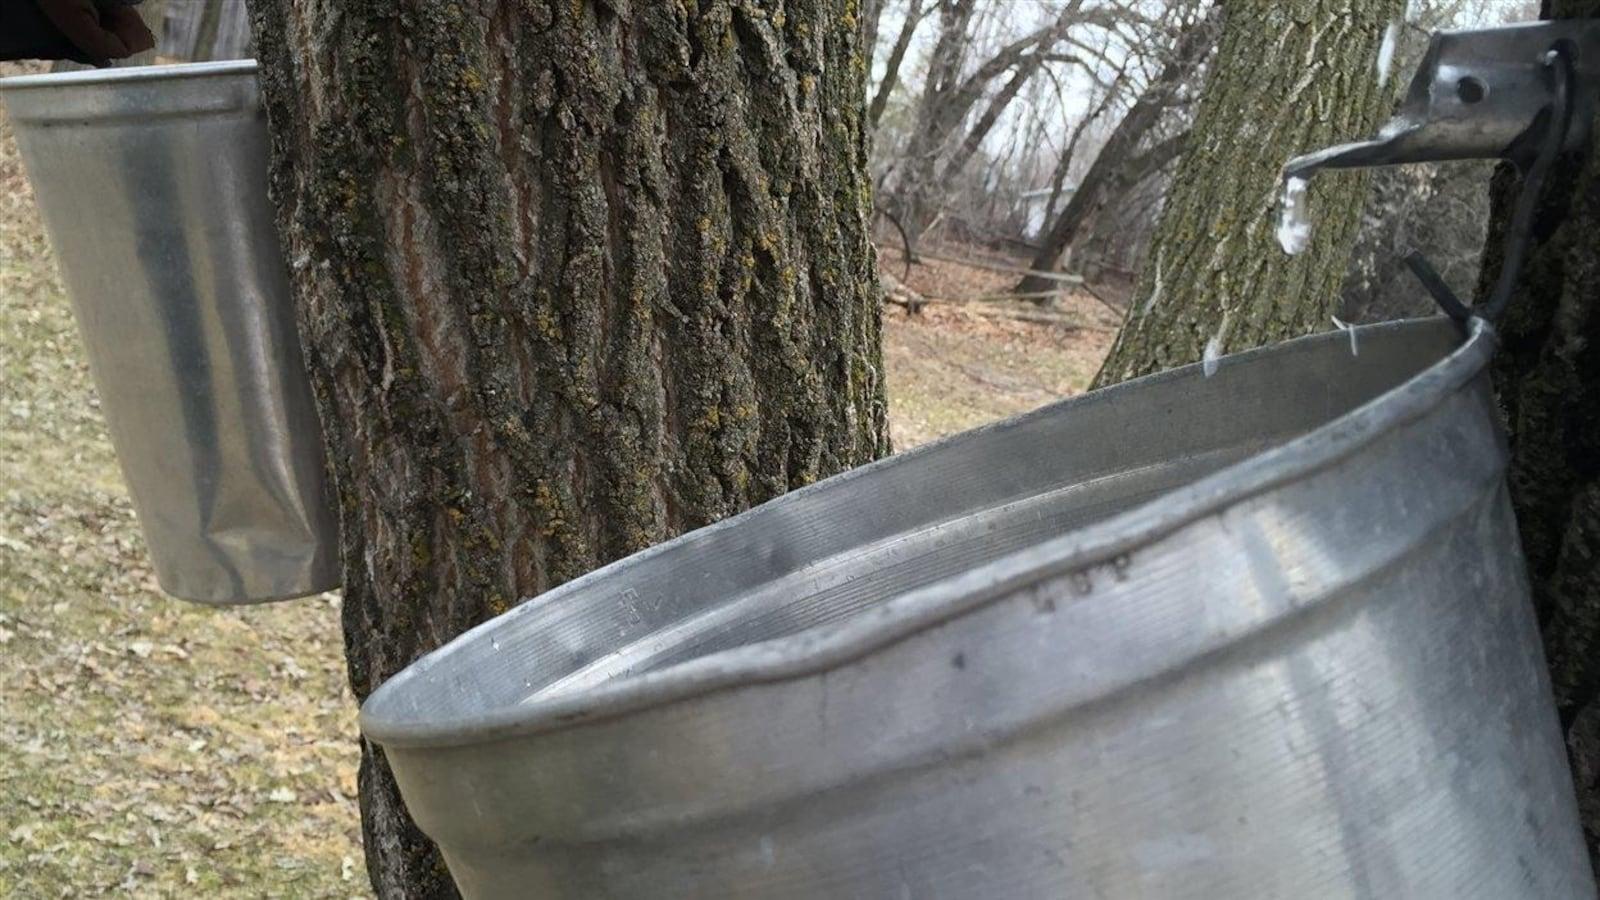 Une chaudière recueille de l'eau d'érable, dans une érablière